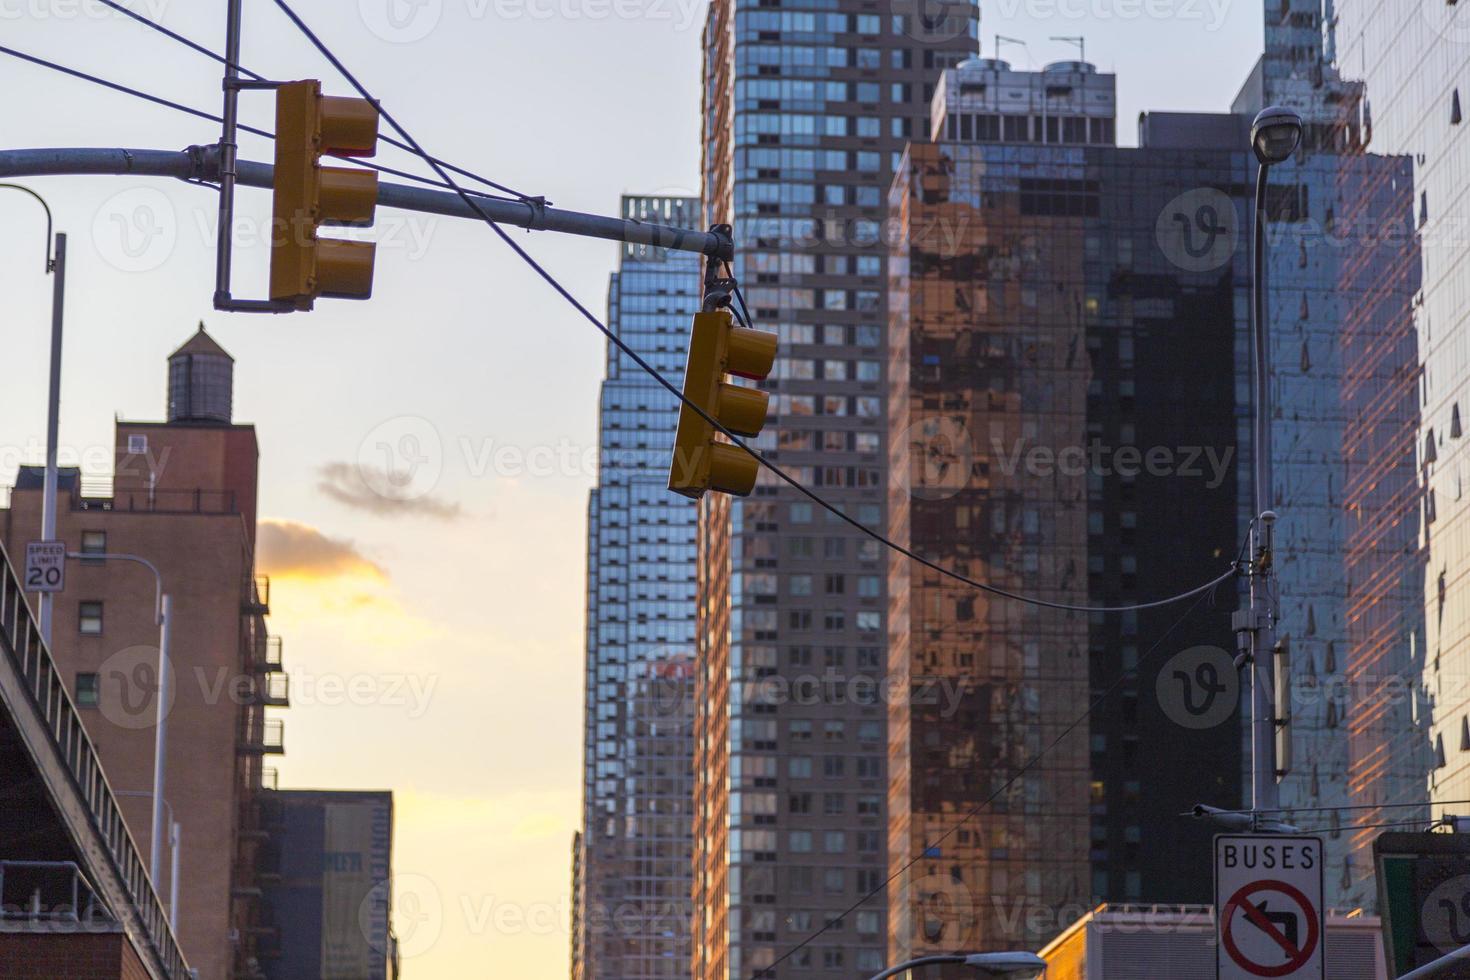 Semáforo con rascacielos en segundo plano en Nueva York al atardecer foto